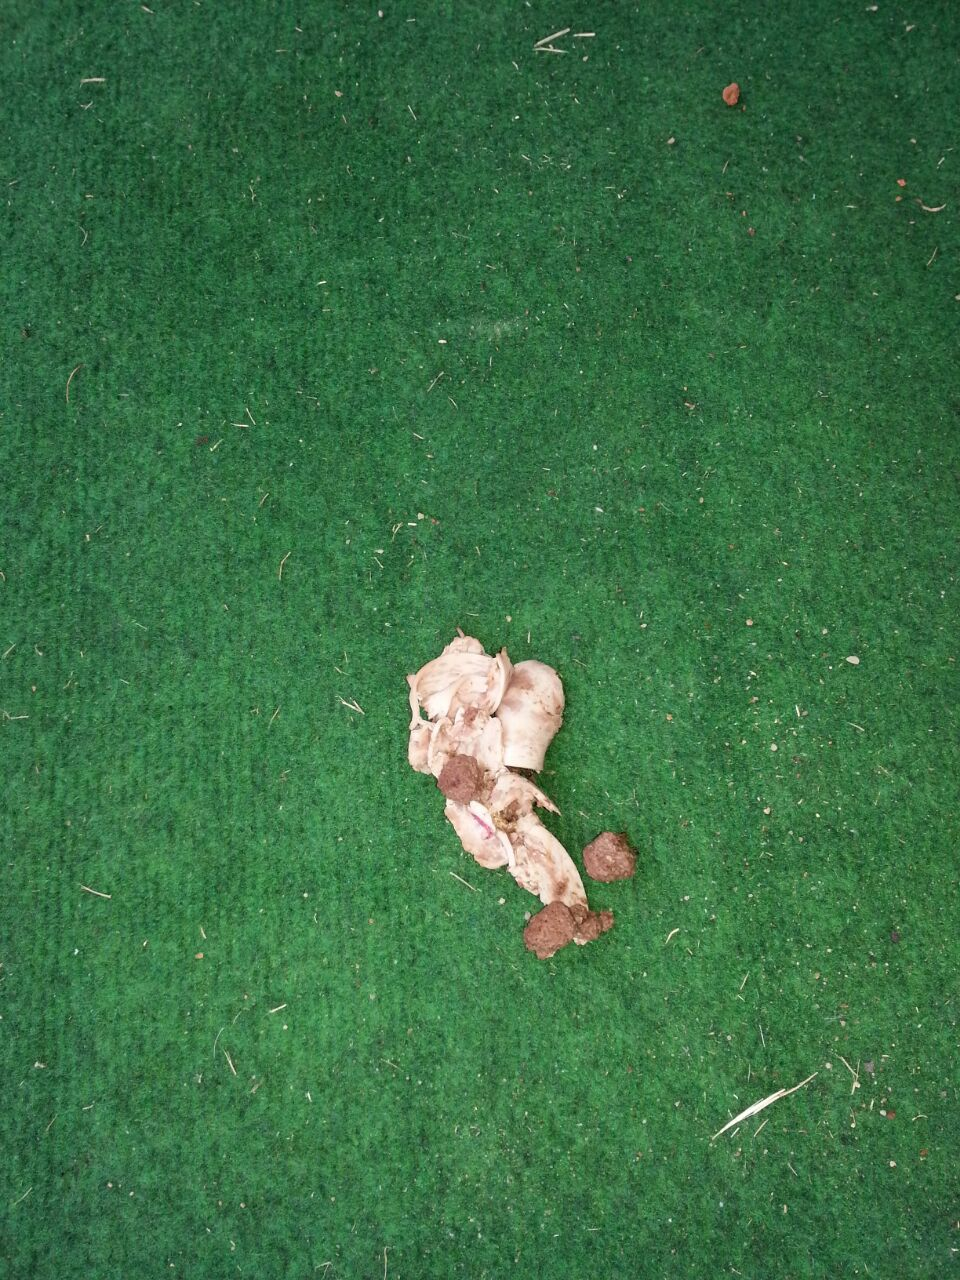 Ich bin vorhin in den garten gegangen und da lagen die - Kot im garten von welchem tier ...